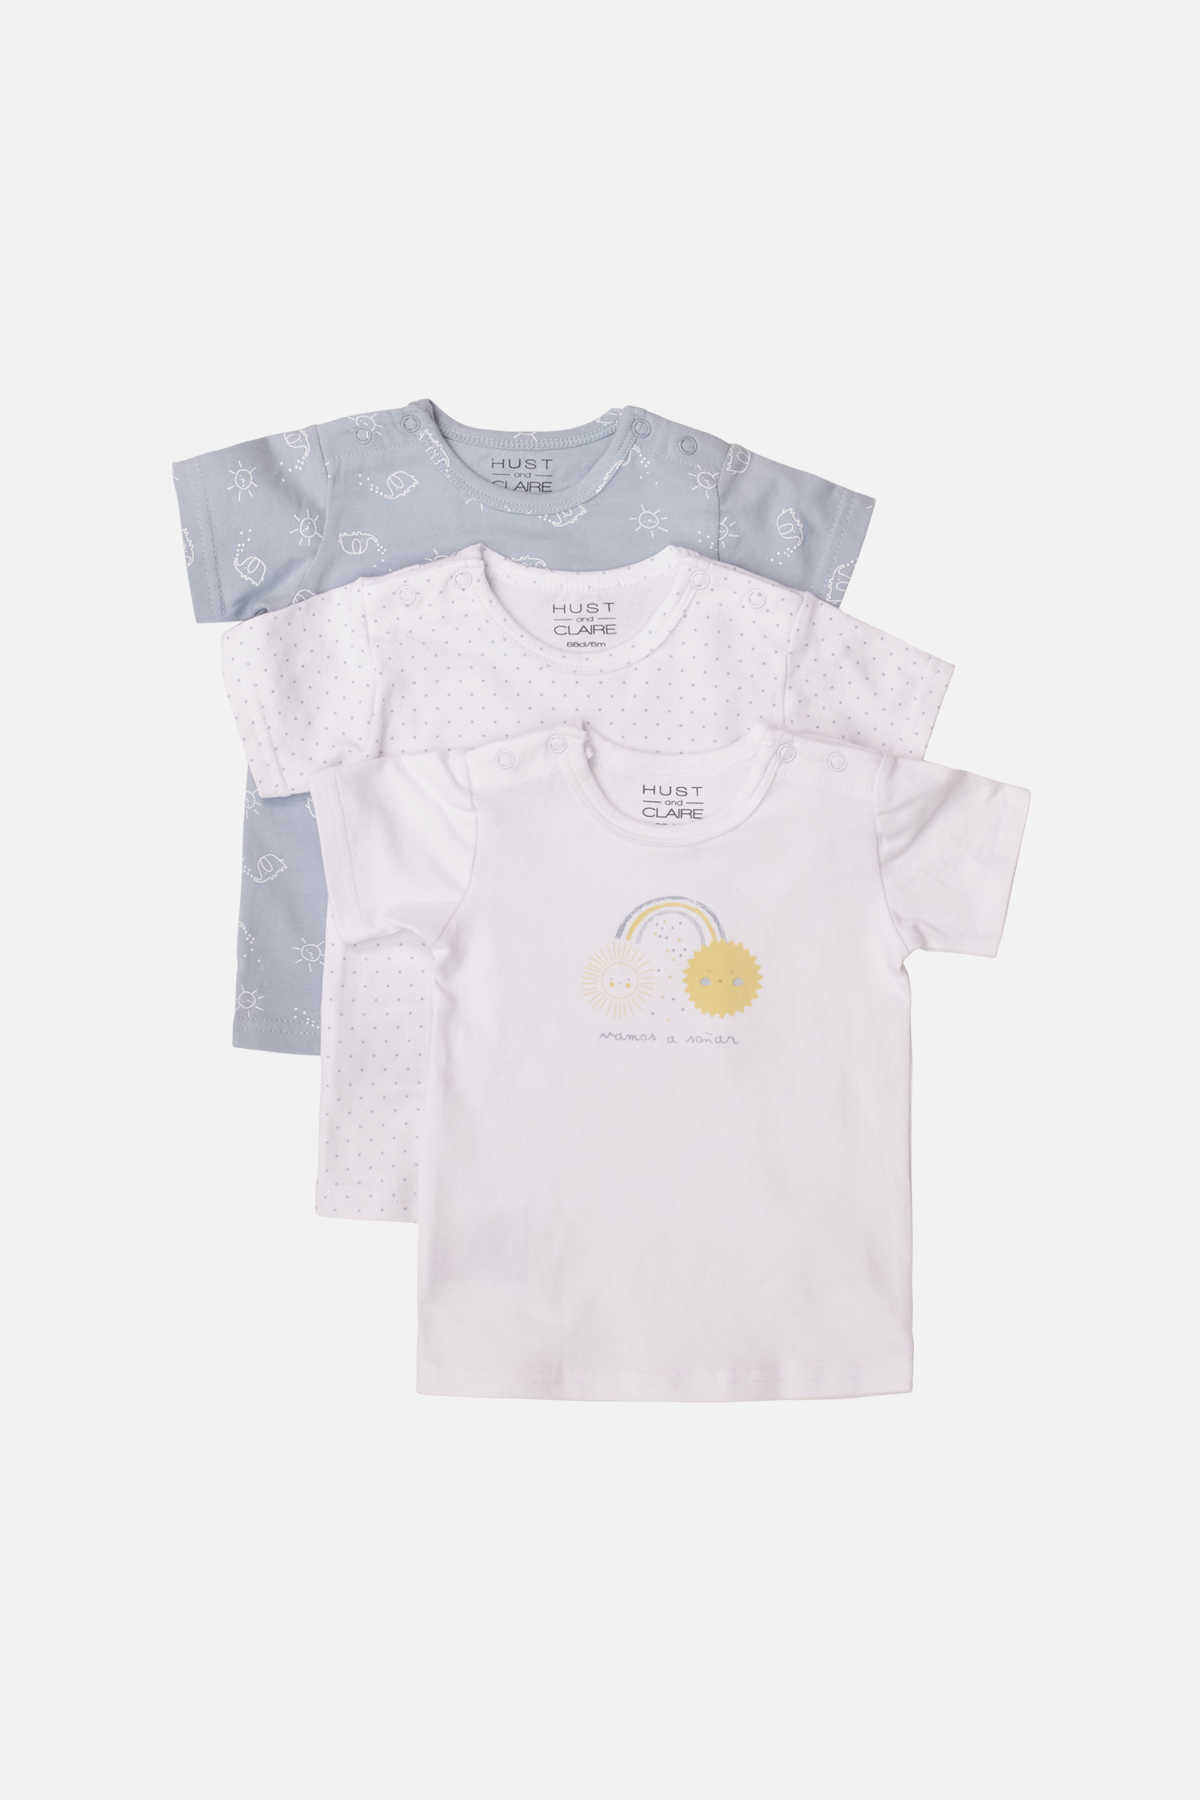 Newborn - Alvi - T-shirt S/S 3 pack